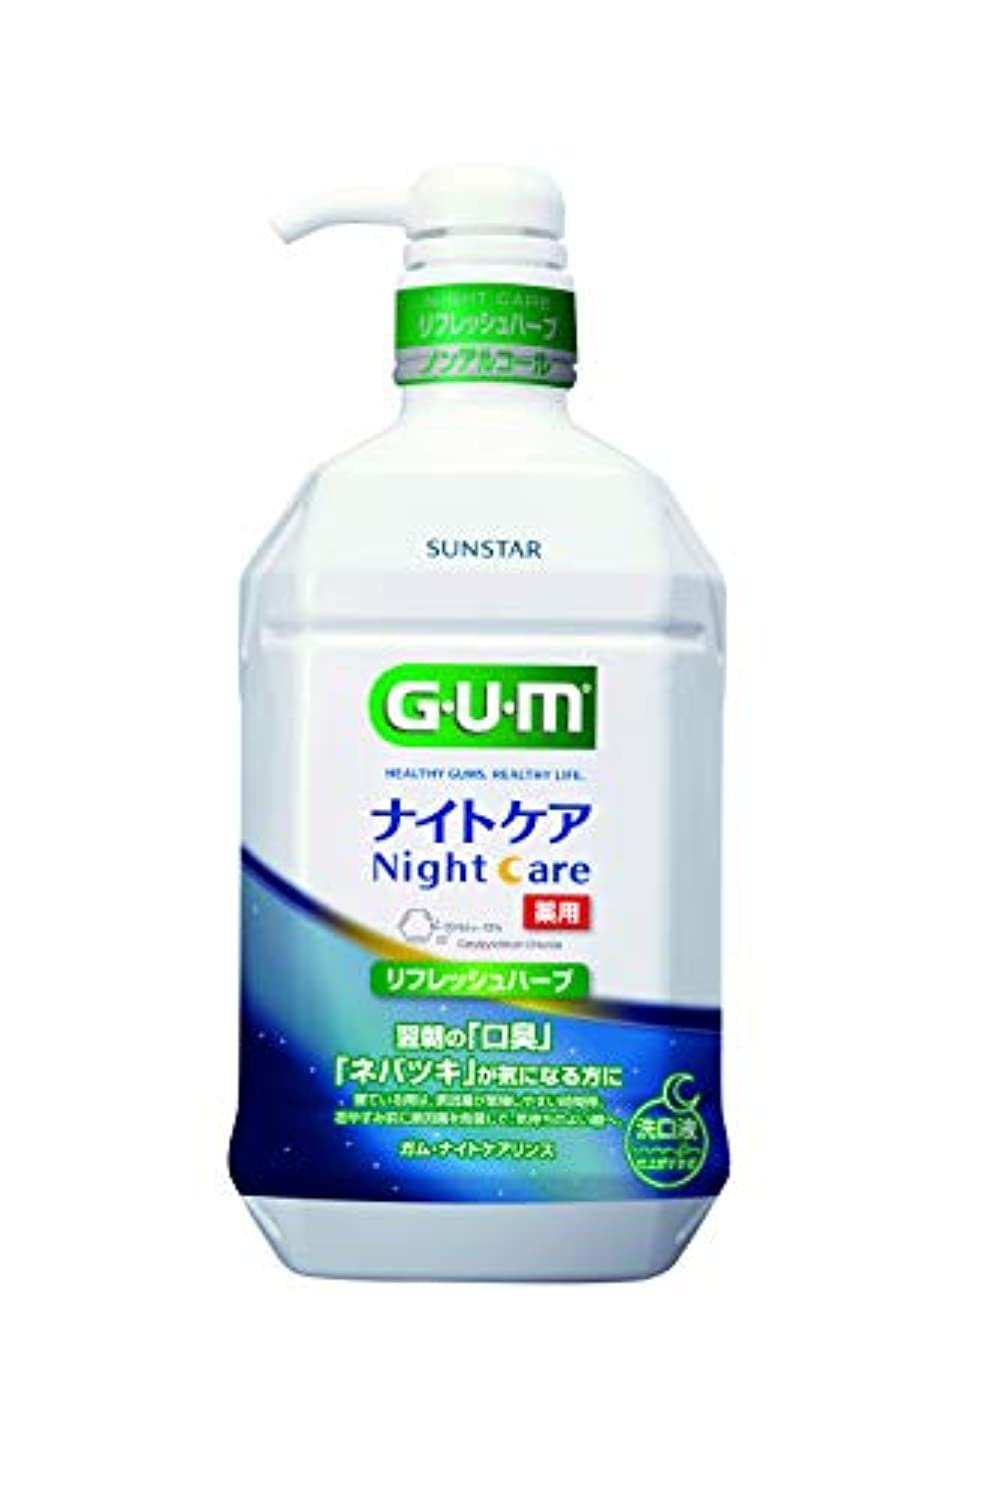 付き添い人スズメバチバーマド(医薬部外品) GUM(ガム) マウスウォッシュ ナイトケア 薬用洗口液(リフレッシュハーブタイプ)900mL